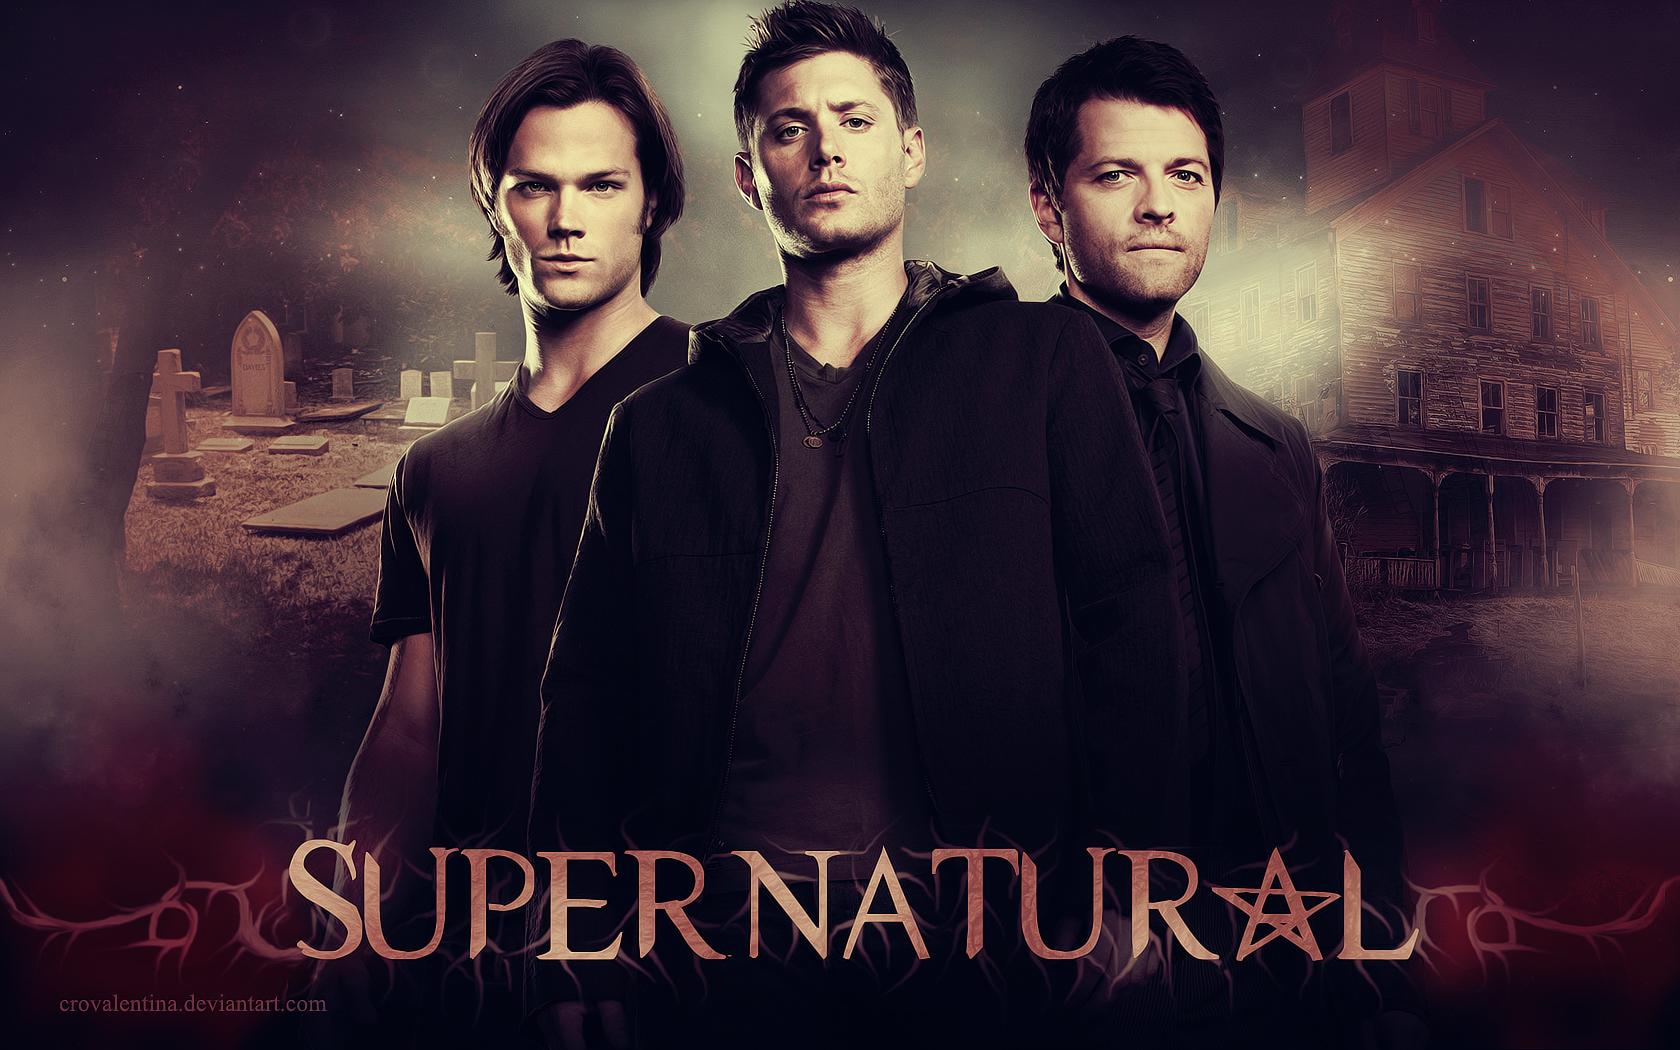 Supernatural Supernatural 1680x1050